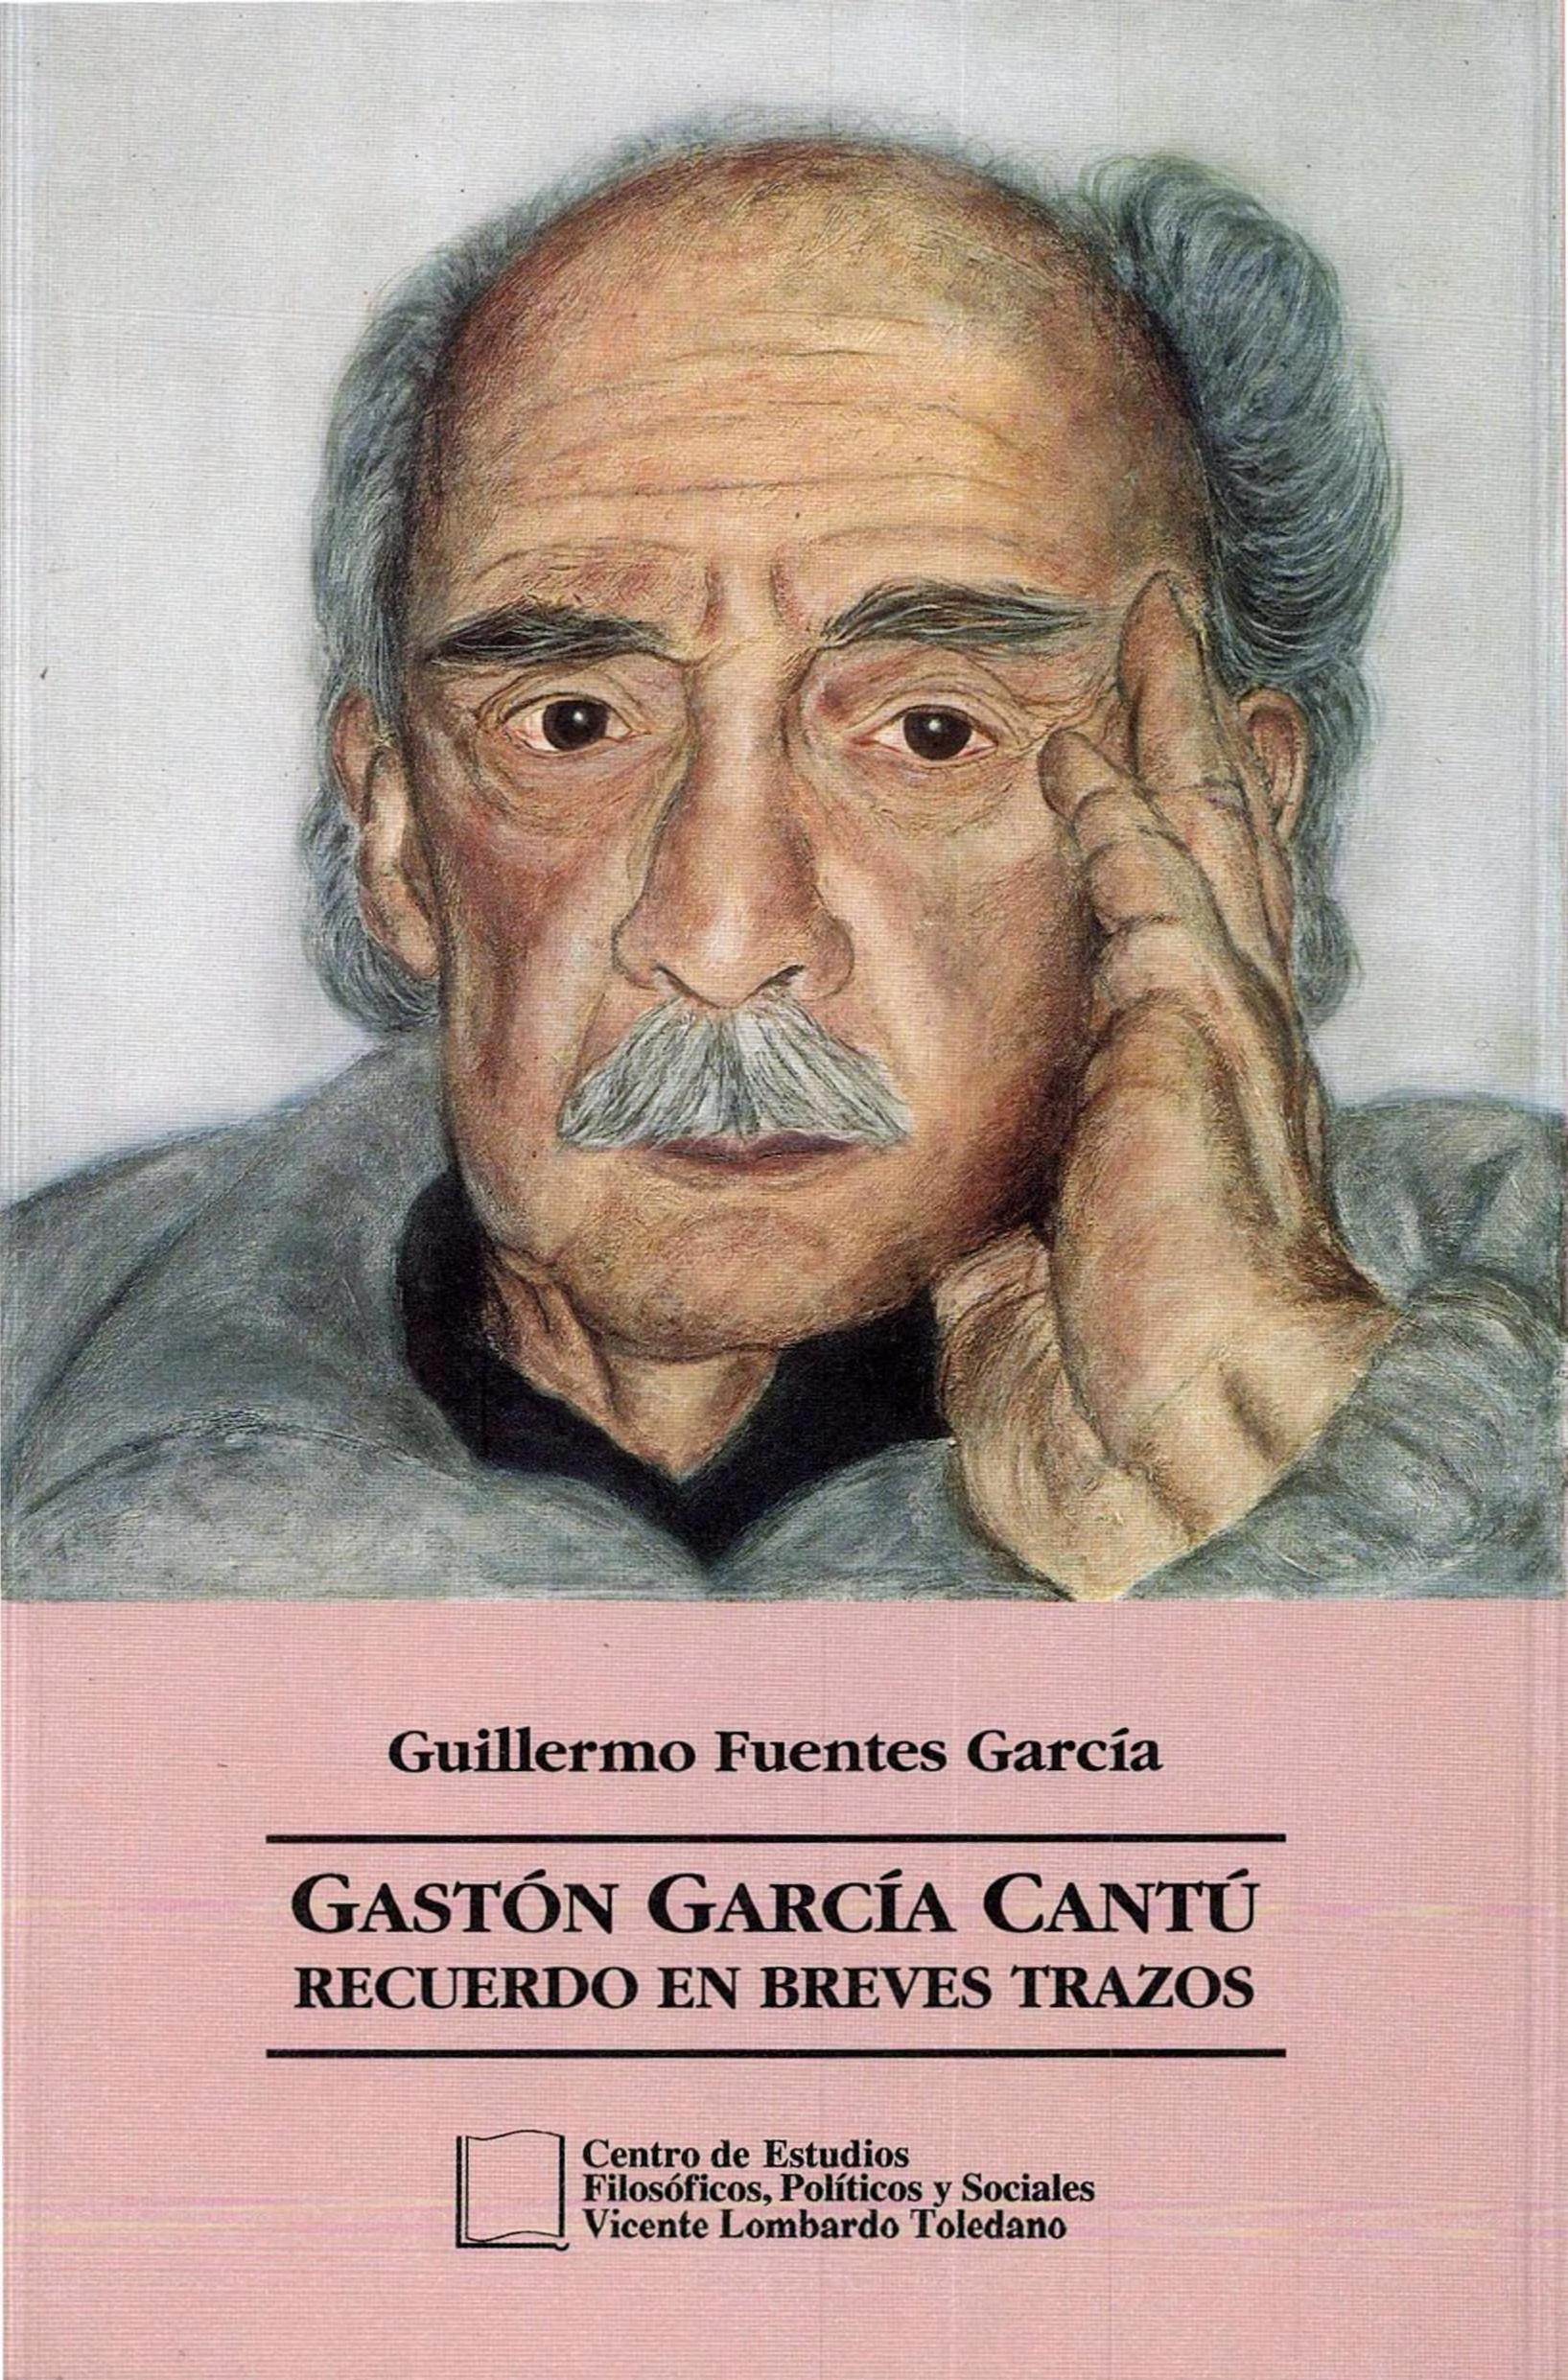 Portada del libro: GASTÓN GARCÍA CANTÚ RECUERDO EN BREVES TRAZOS